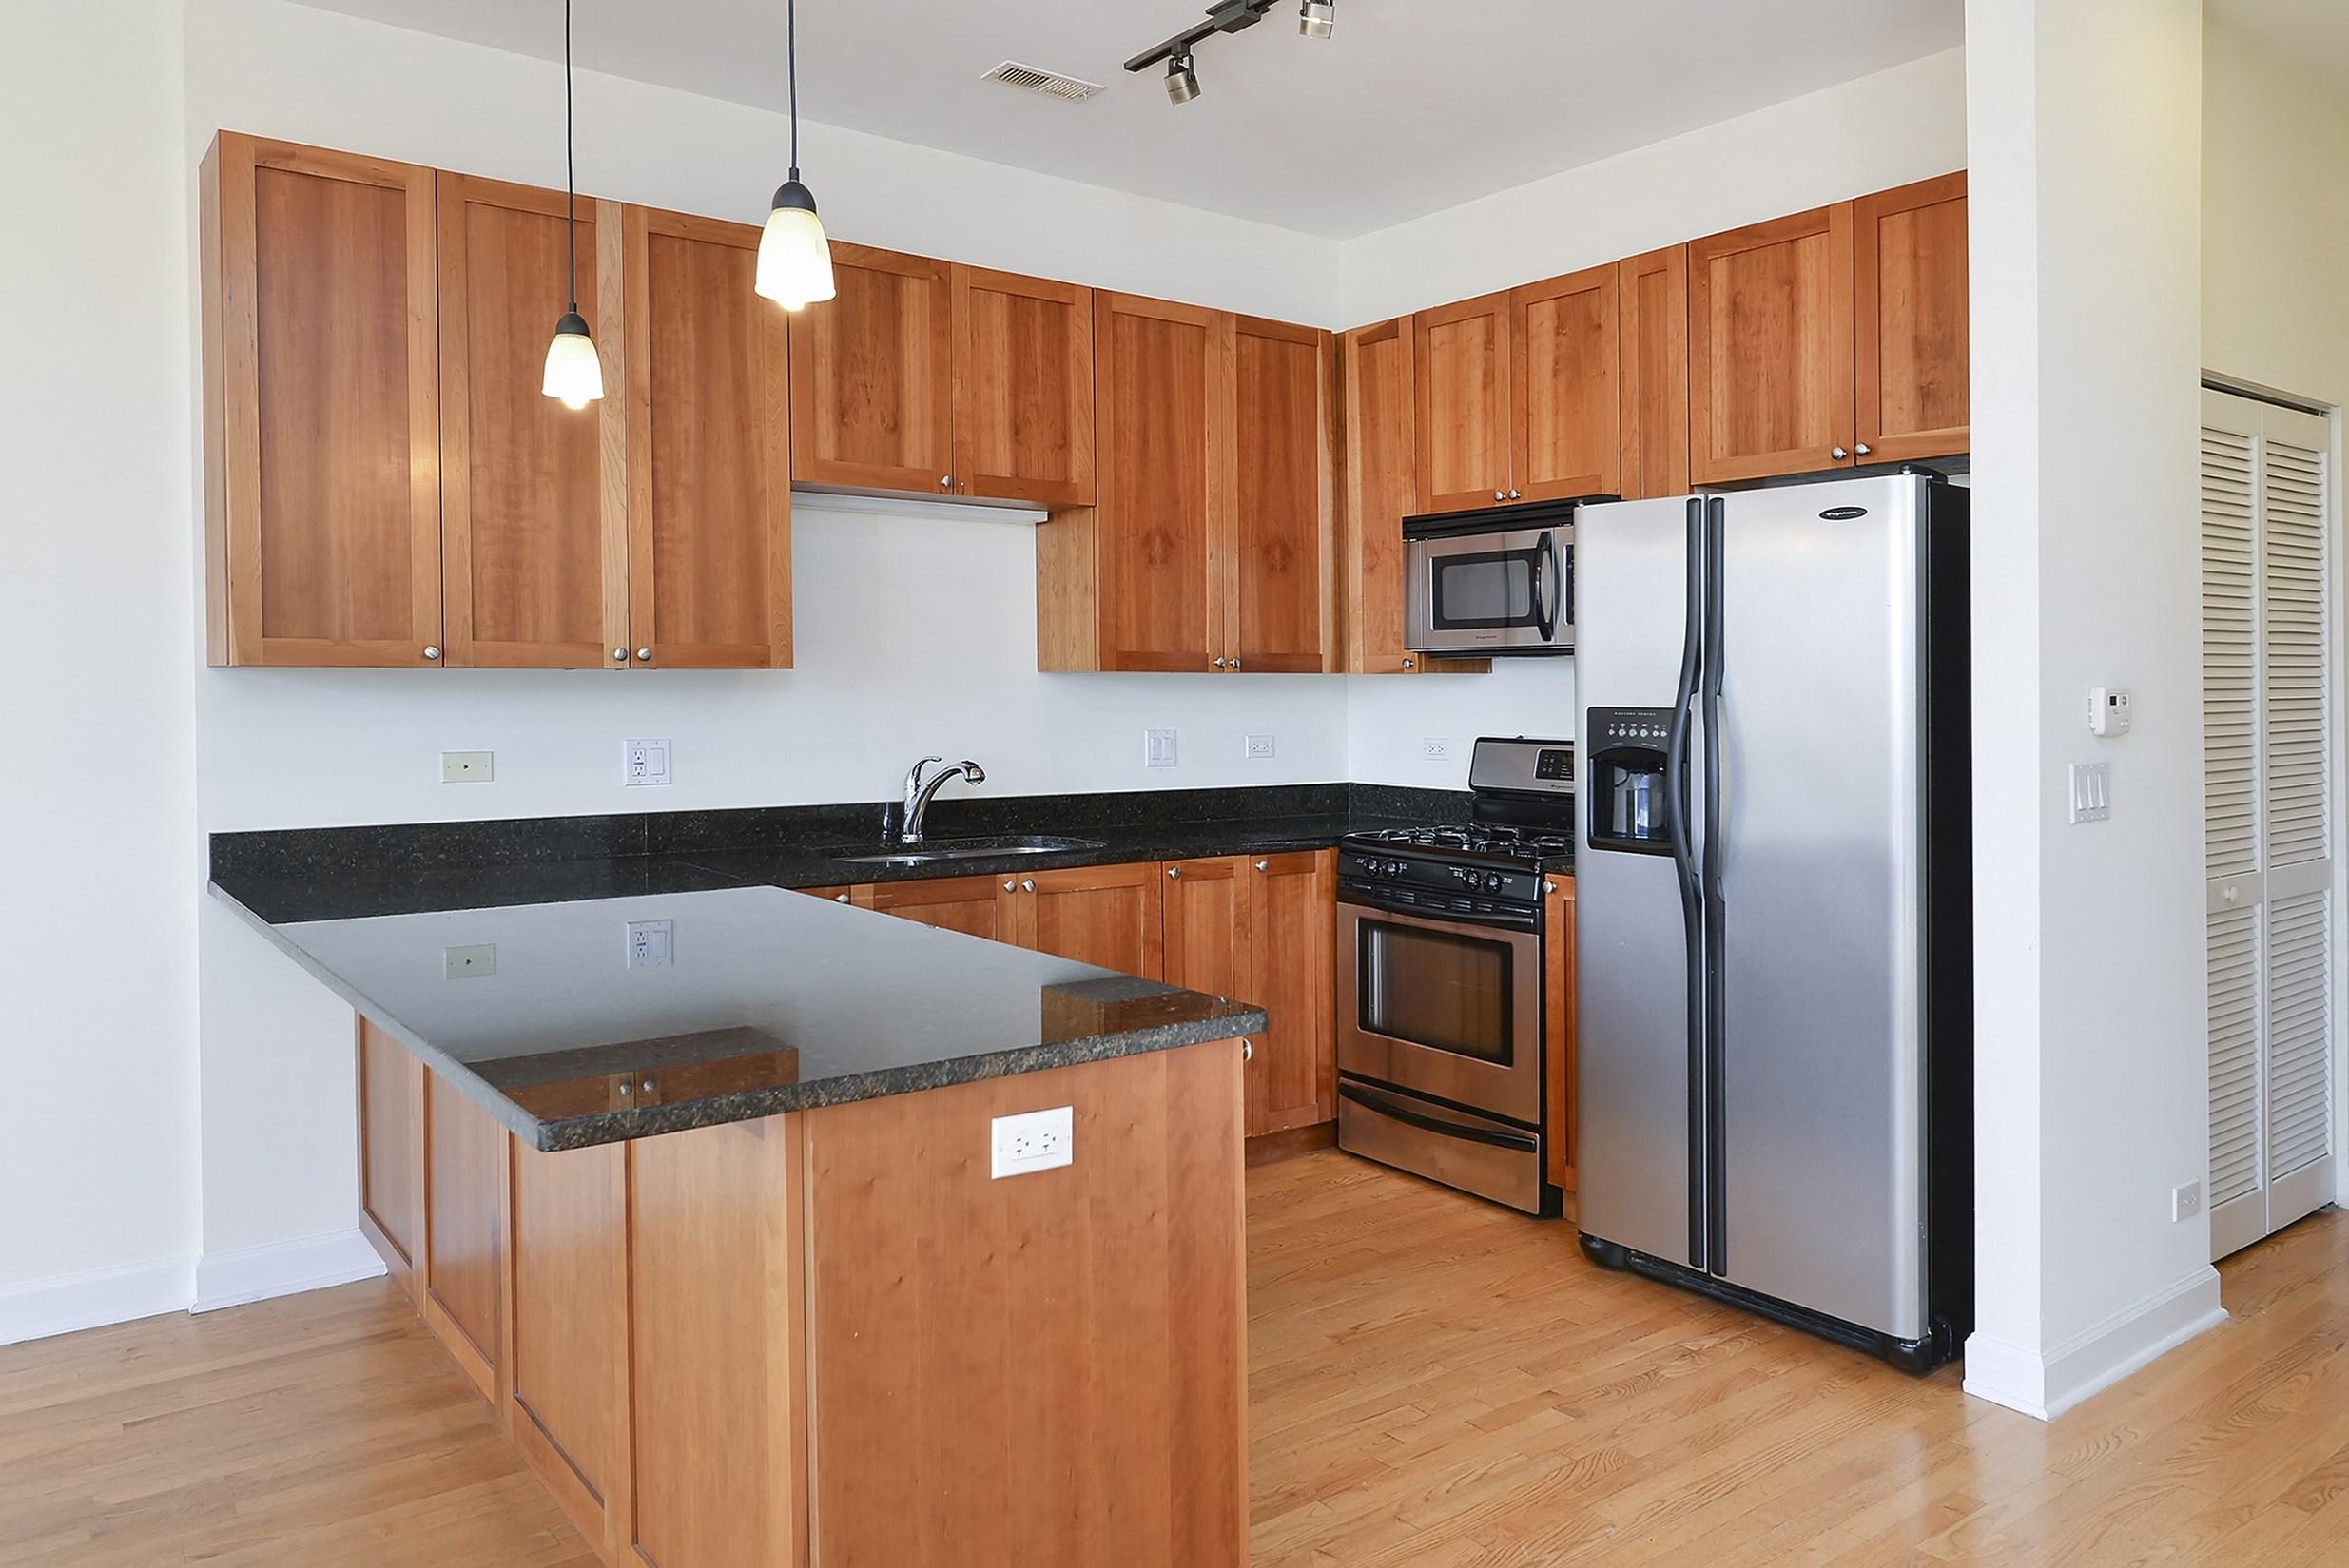 Chef Inspired Kitchen Islands at 1500 N Damen, Chicago, IL,60622